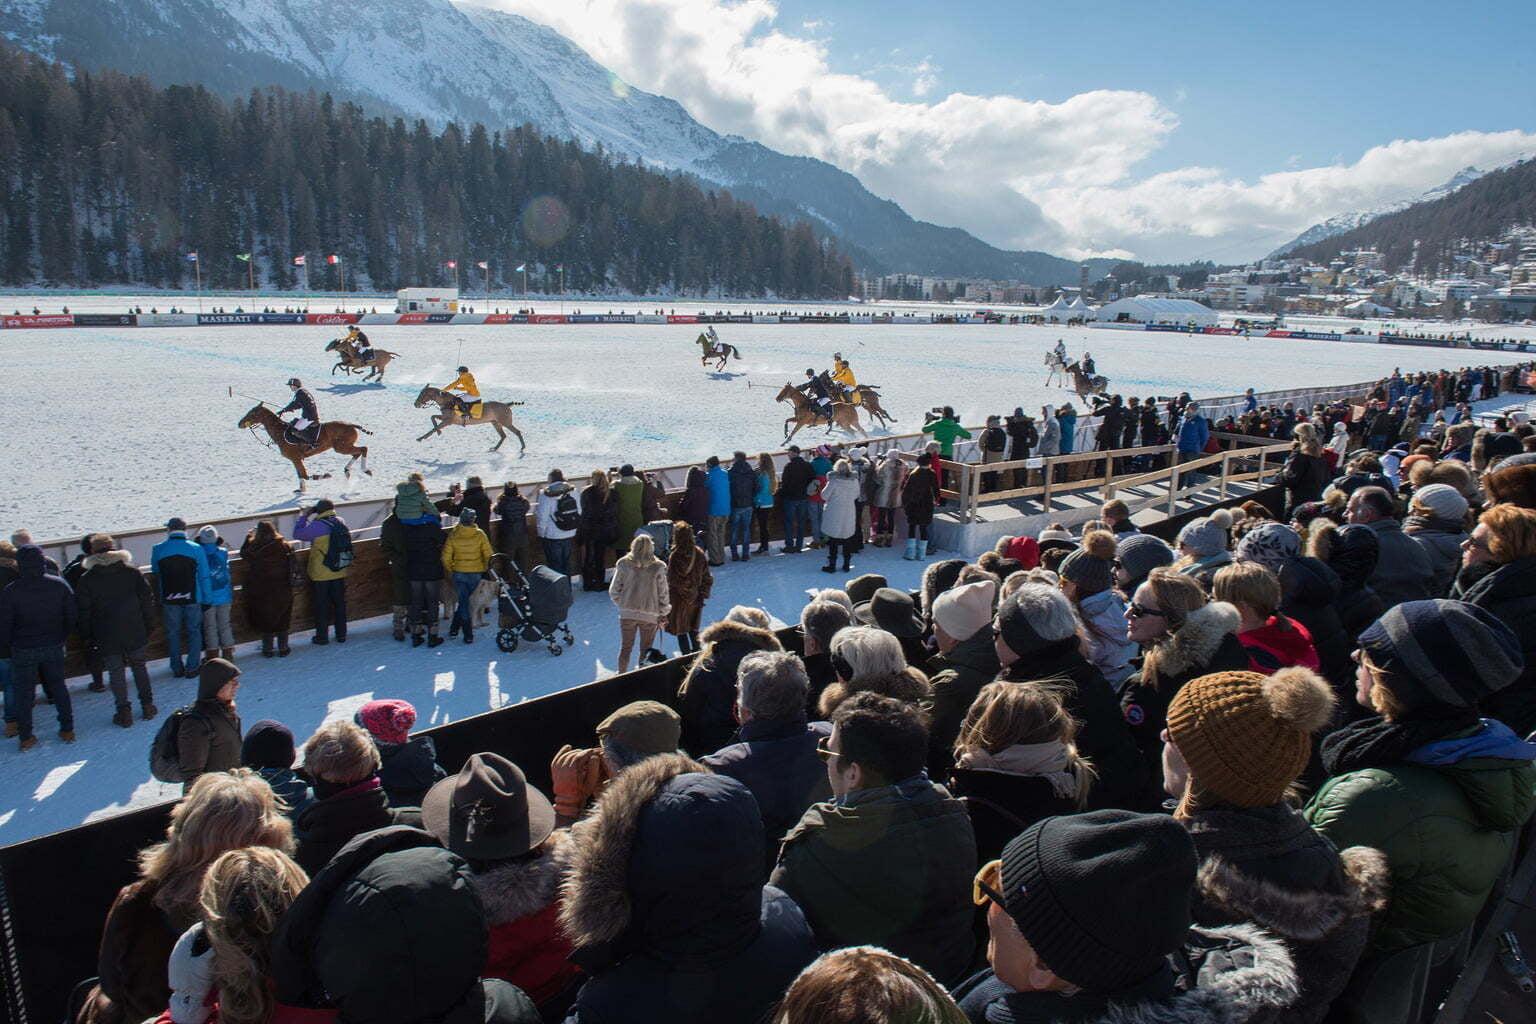 37. SNOW POLO WORLD CUP ST. MORITZ